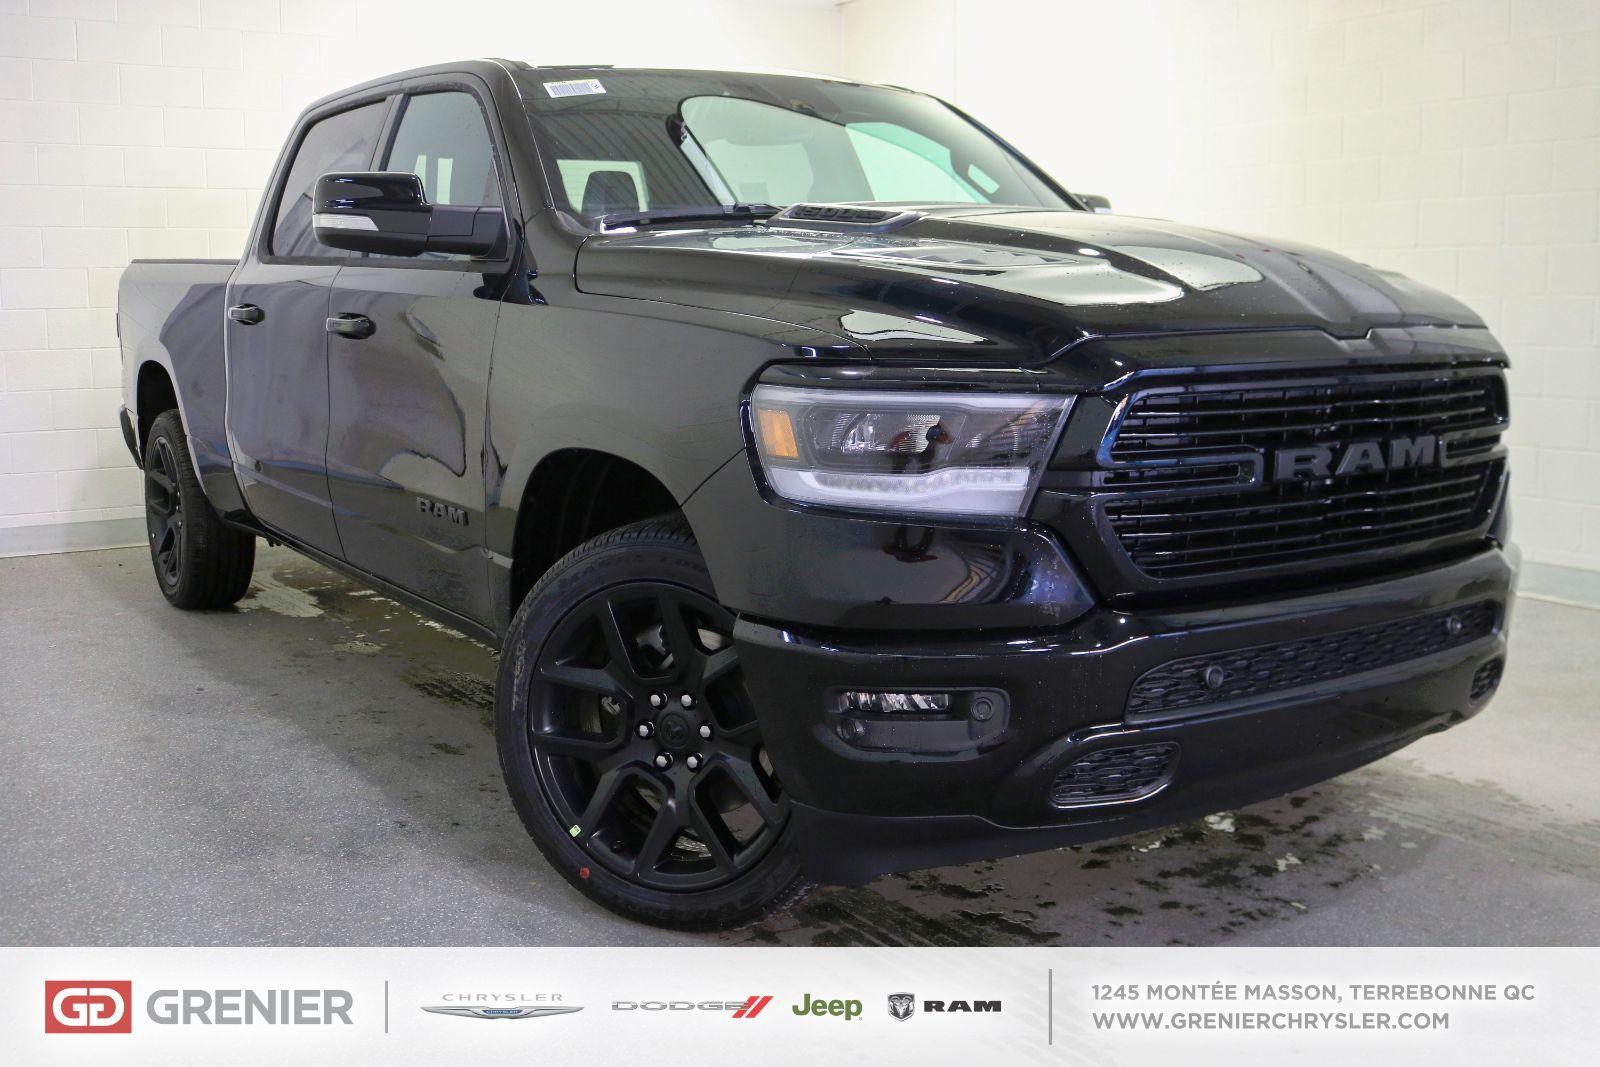 Ram 1500 SPORT 2021 neuf - 68830.0$ | Grenier Chrysler ...